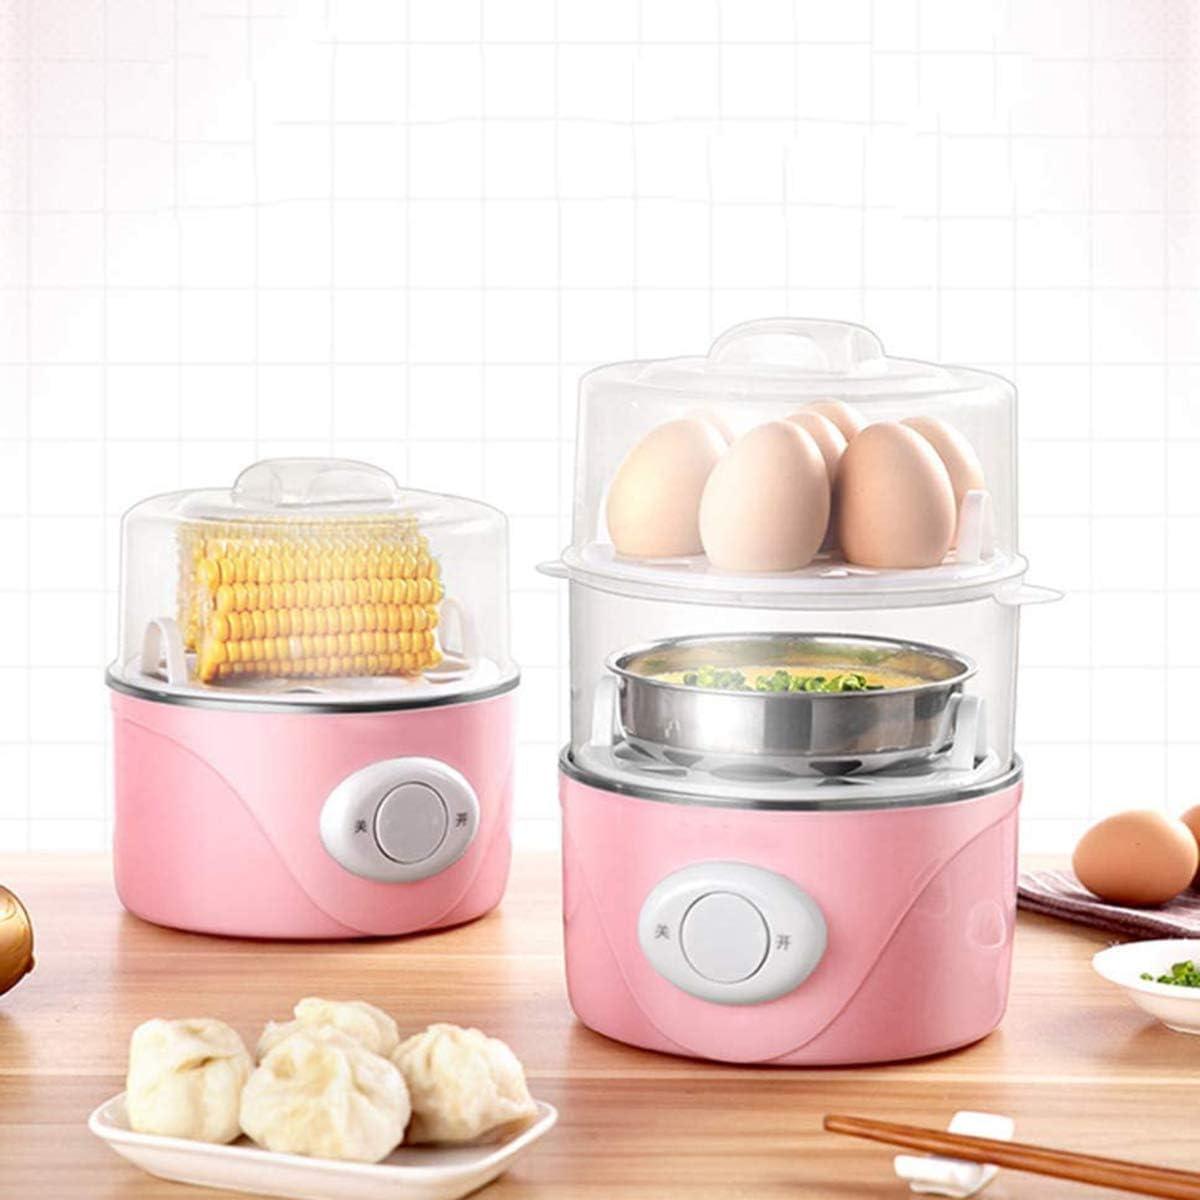 Uovo vapore, spegnimento automatico per cucinare le uova 1-Person colazione Macchina con Low Power Egg Artefatto Adatto per le uova, mais, ecc,Giallo Yellow